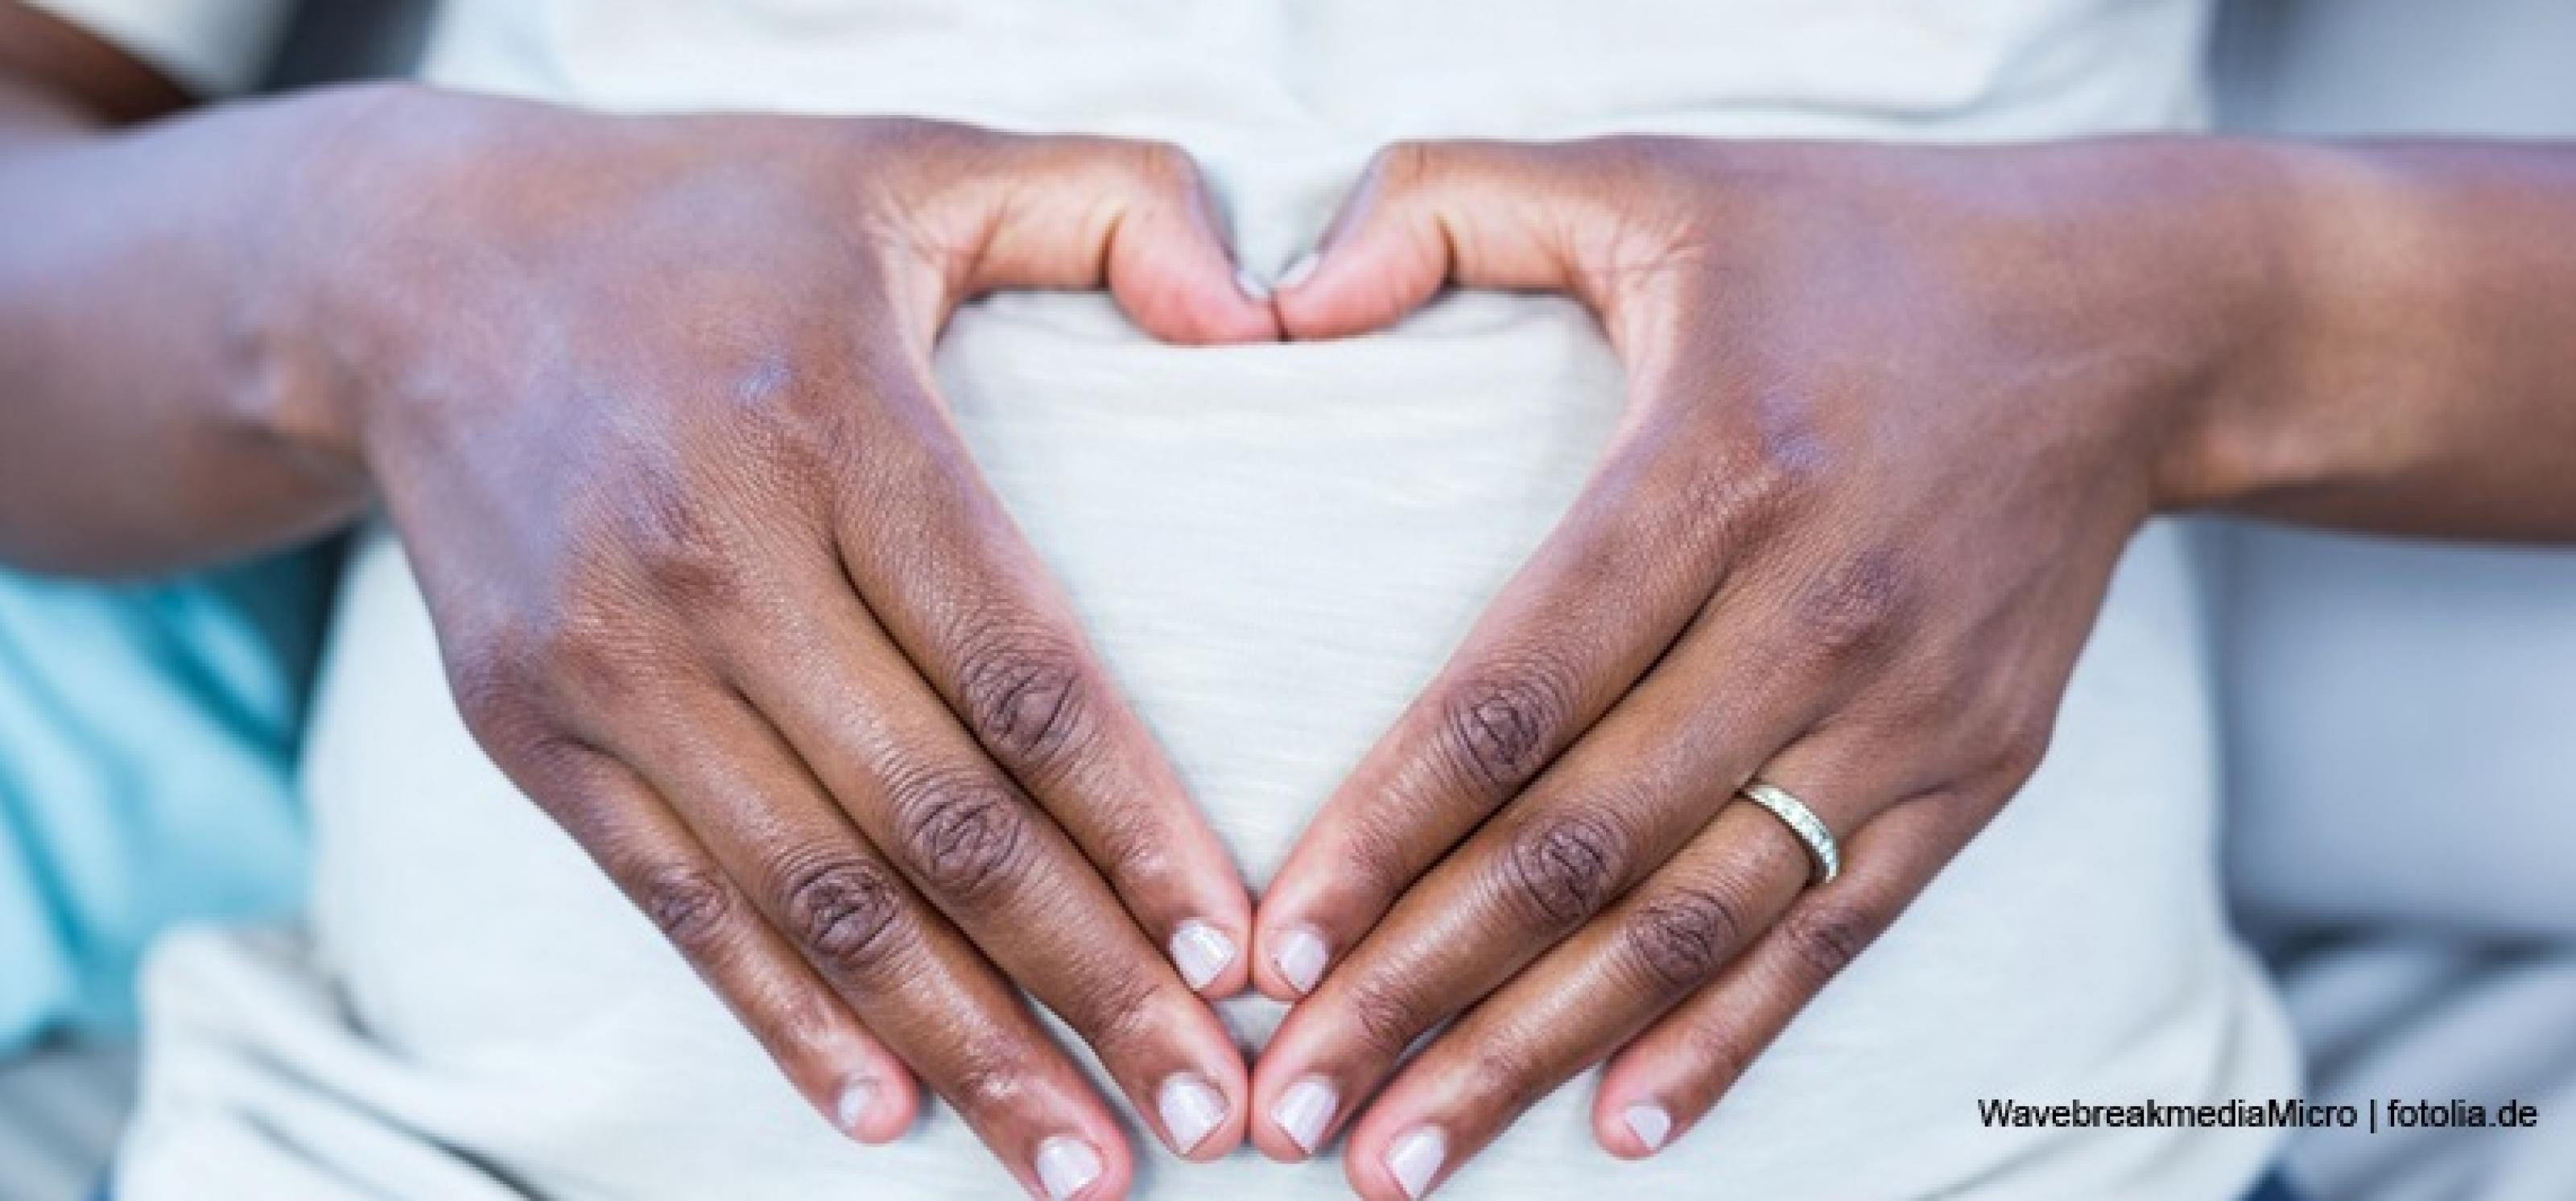 Zu einem Herzen geformte Hände vor einem Bauch